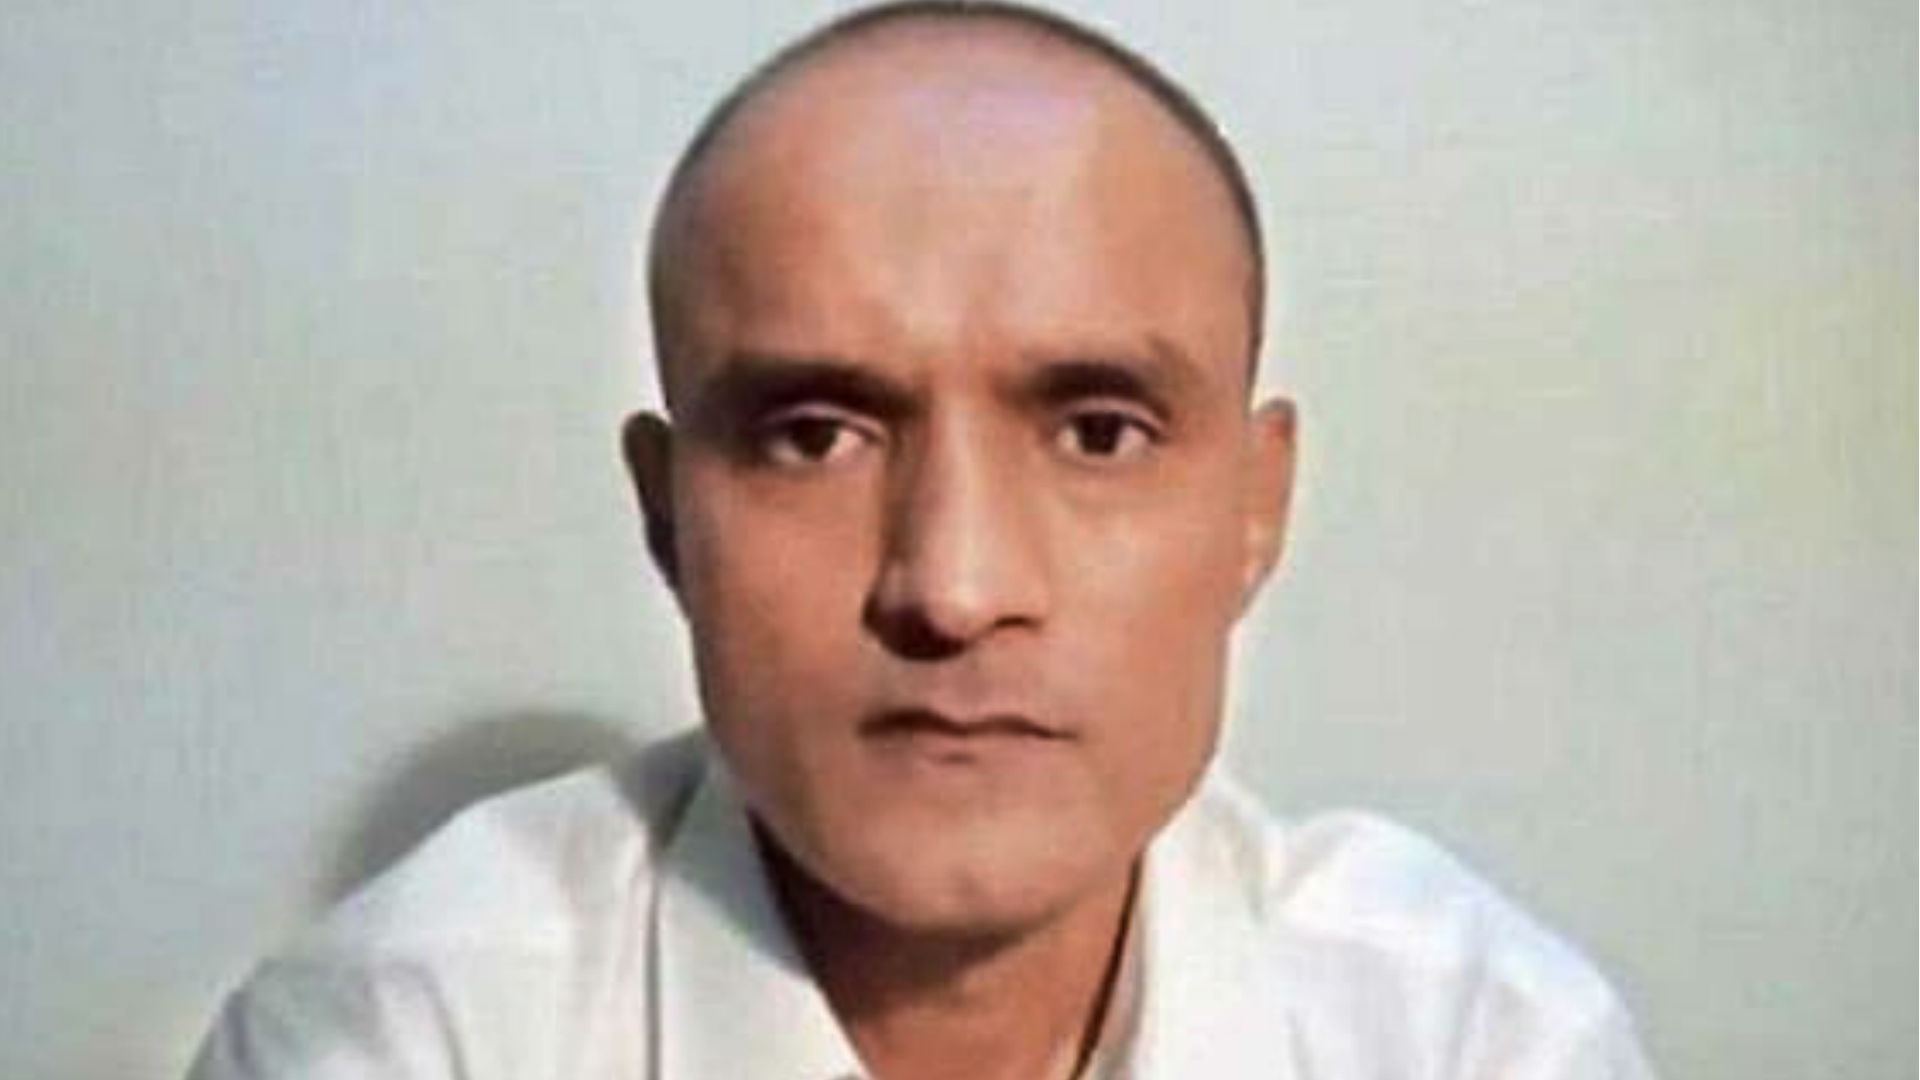 कुलभूषण जाधव को पाकिस्तान ने सुनाई है फांसी की सजा, इस दिन अपना फैसला सुना सकती है अंतरराष्ट्रीय अदालत